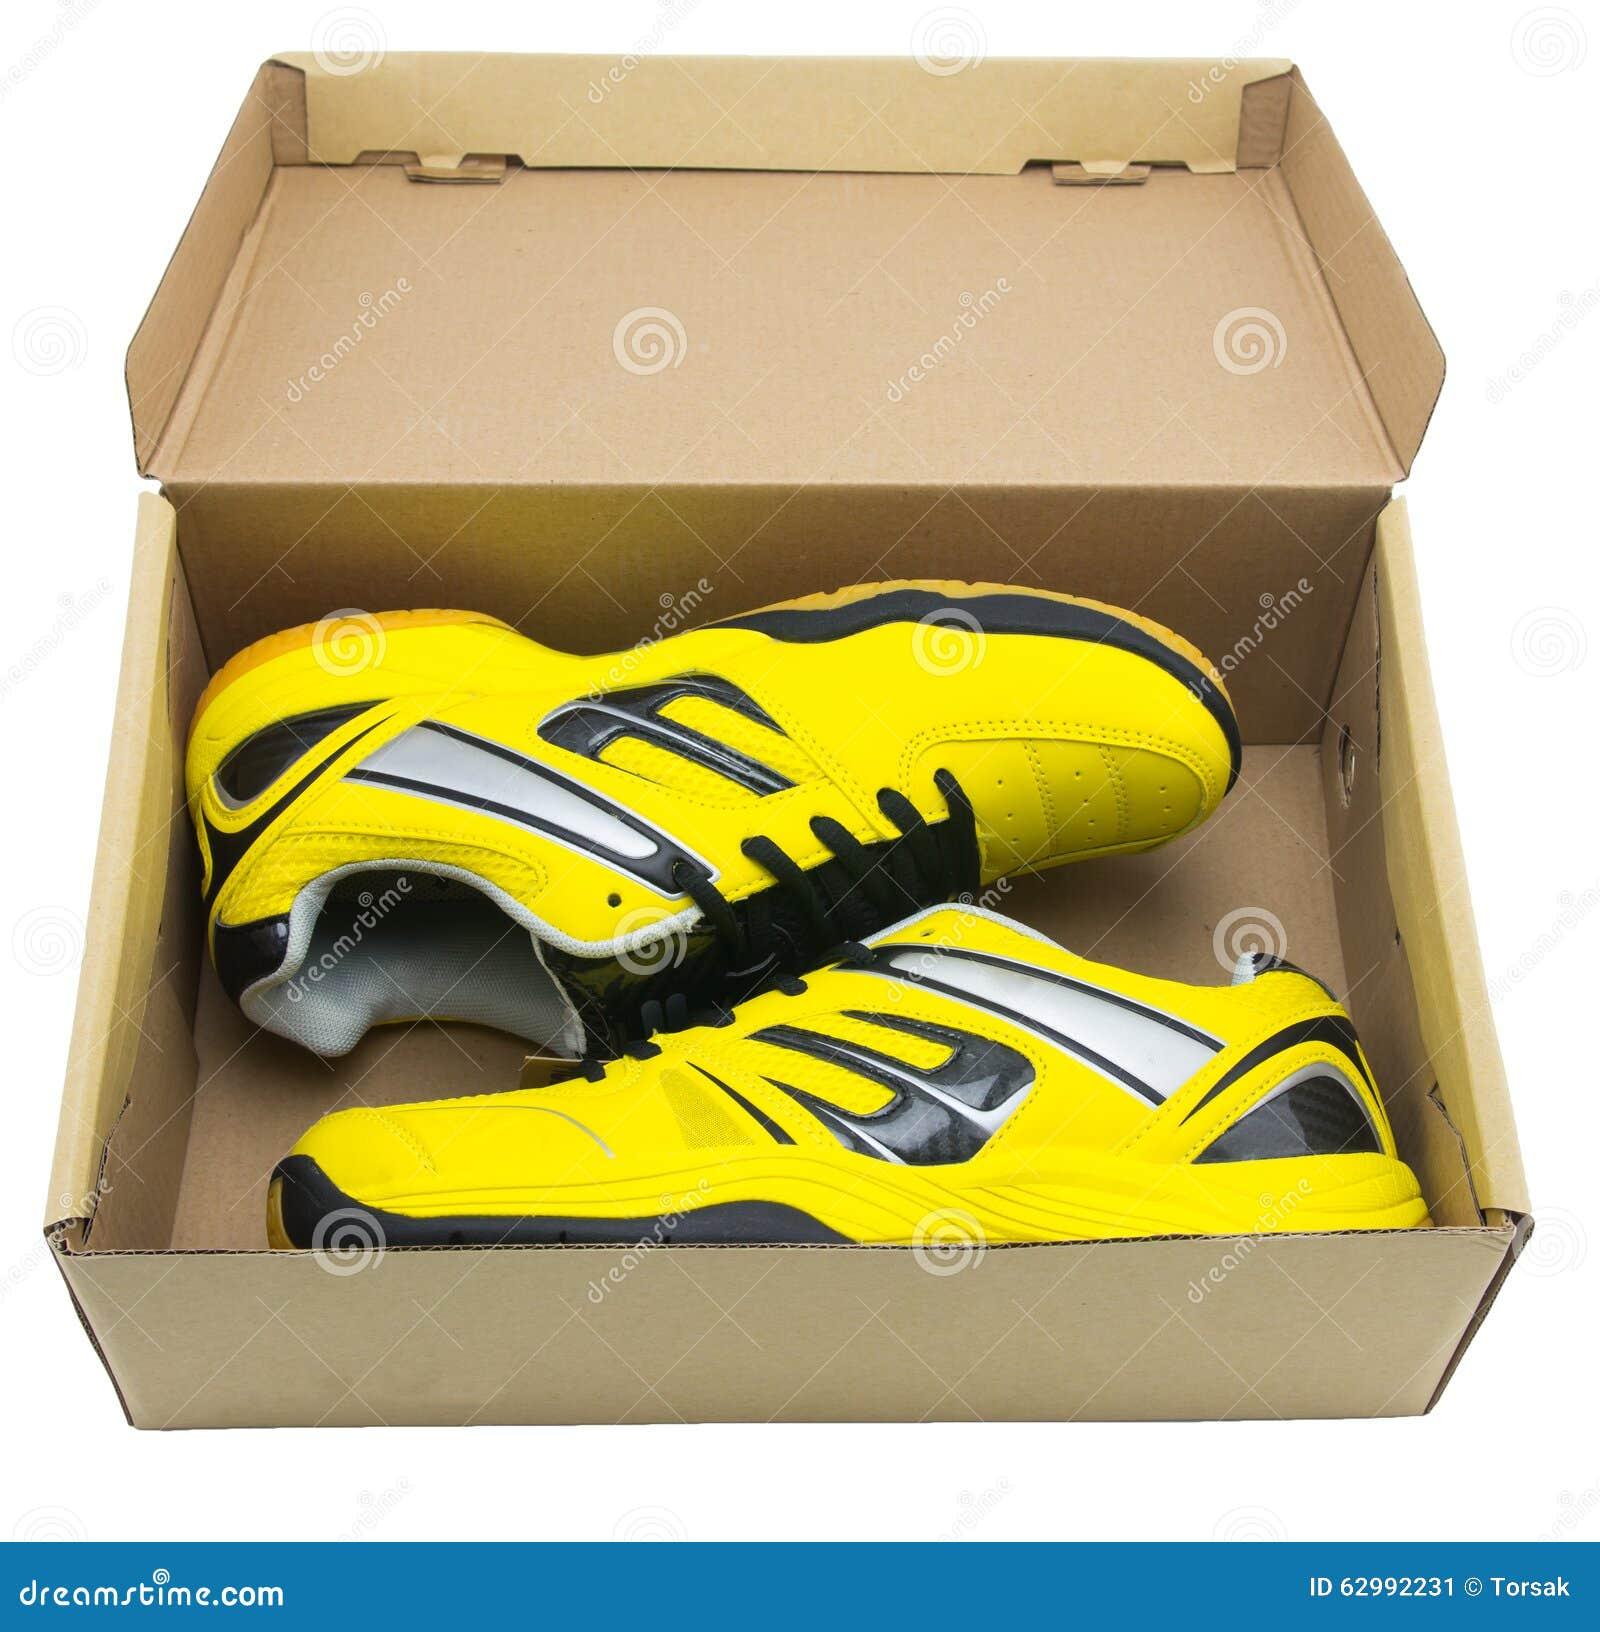 bcc1c6dfd4c Κίτρινα αθλητικά παπούτσια στοκ εικόνα. εικόνα από αθλητισμός - 62992231